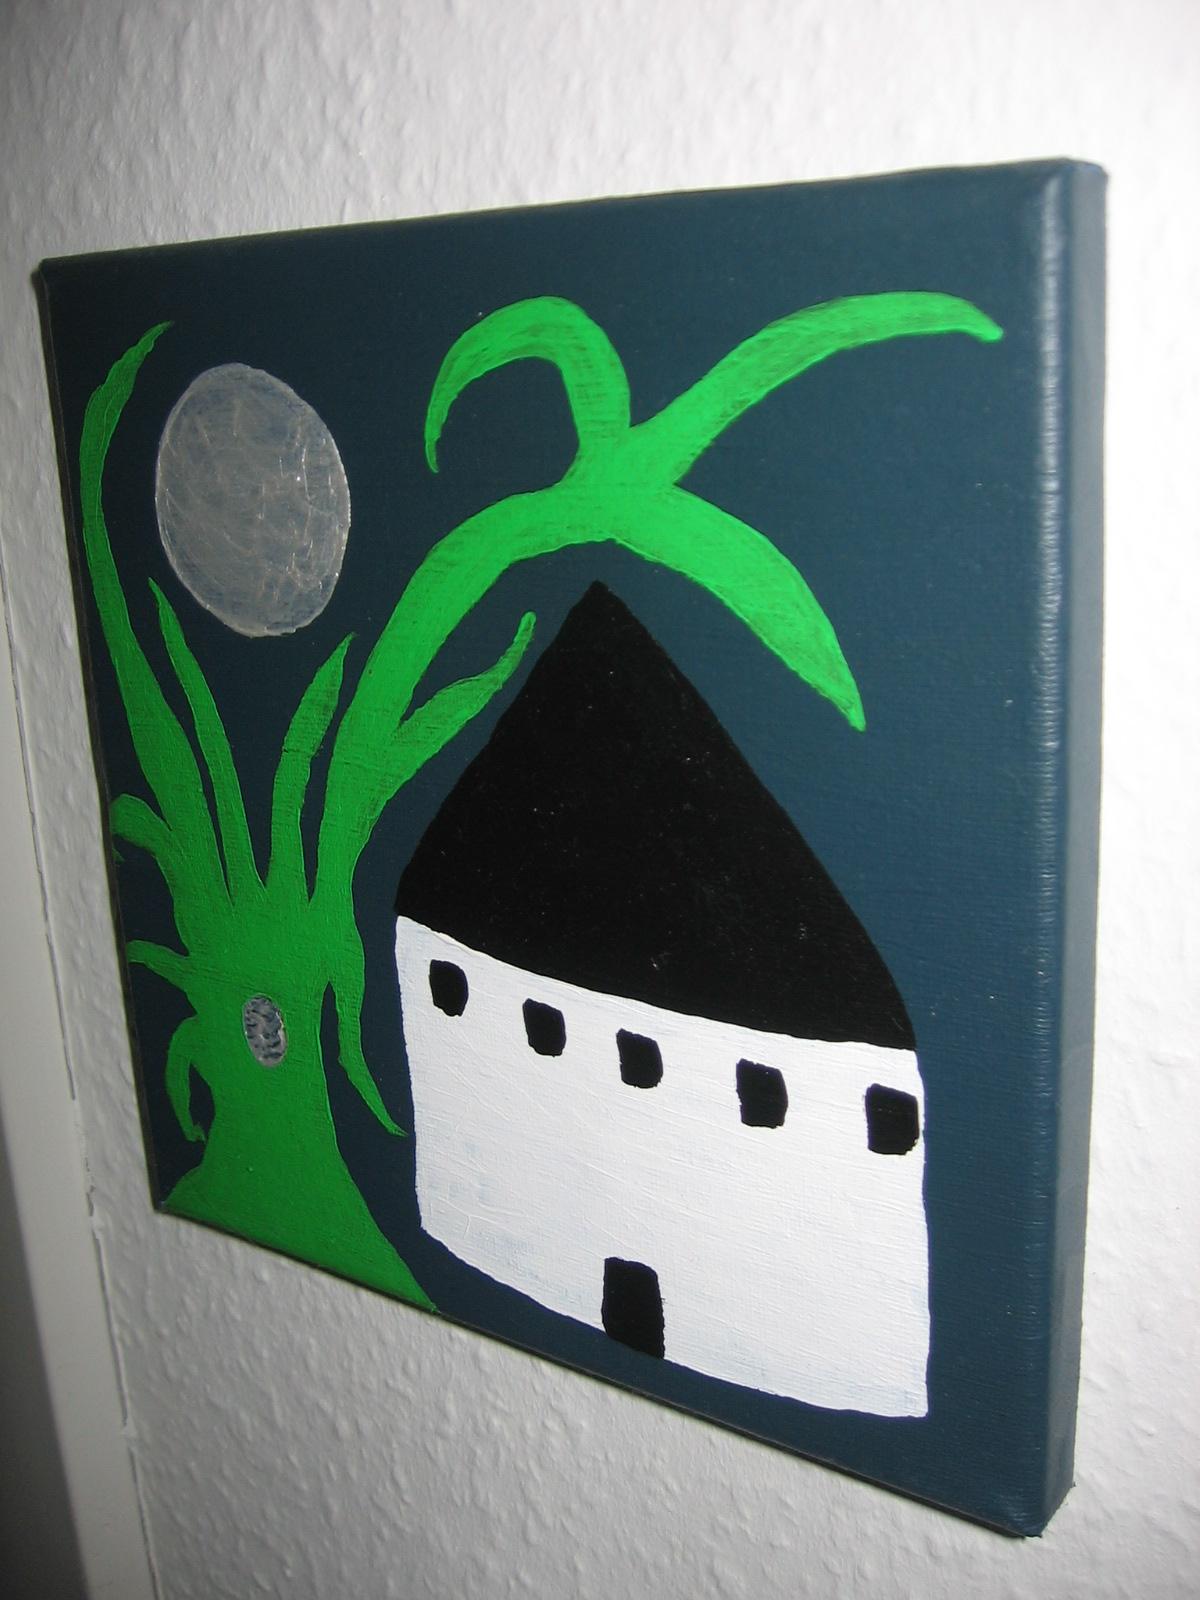 Rund Kirke 2 20x20 cm, 300 DKK, 2010